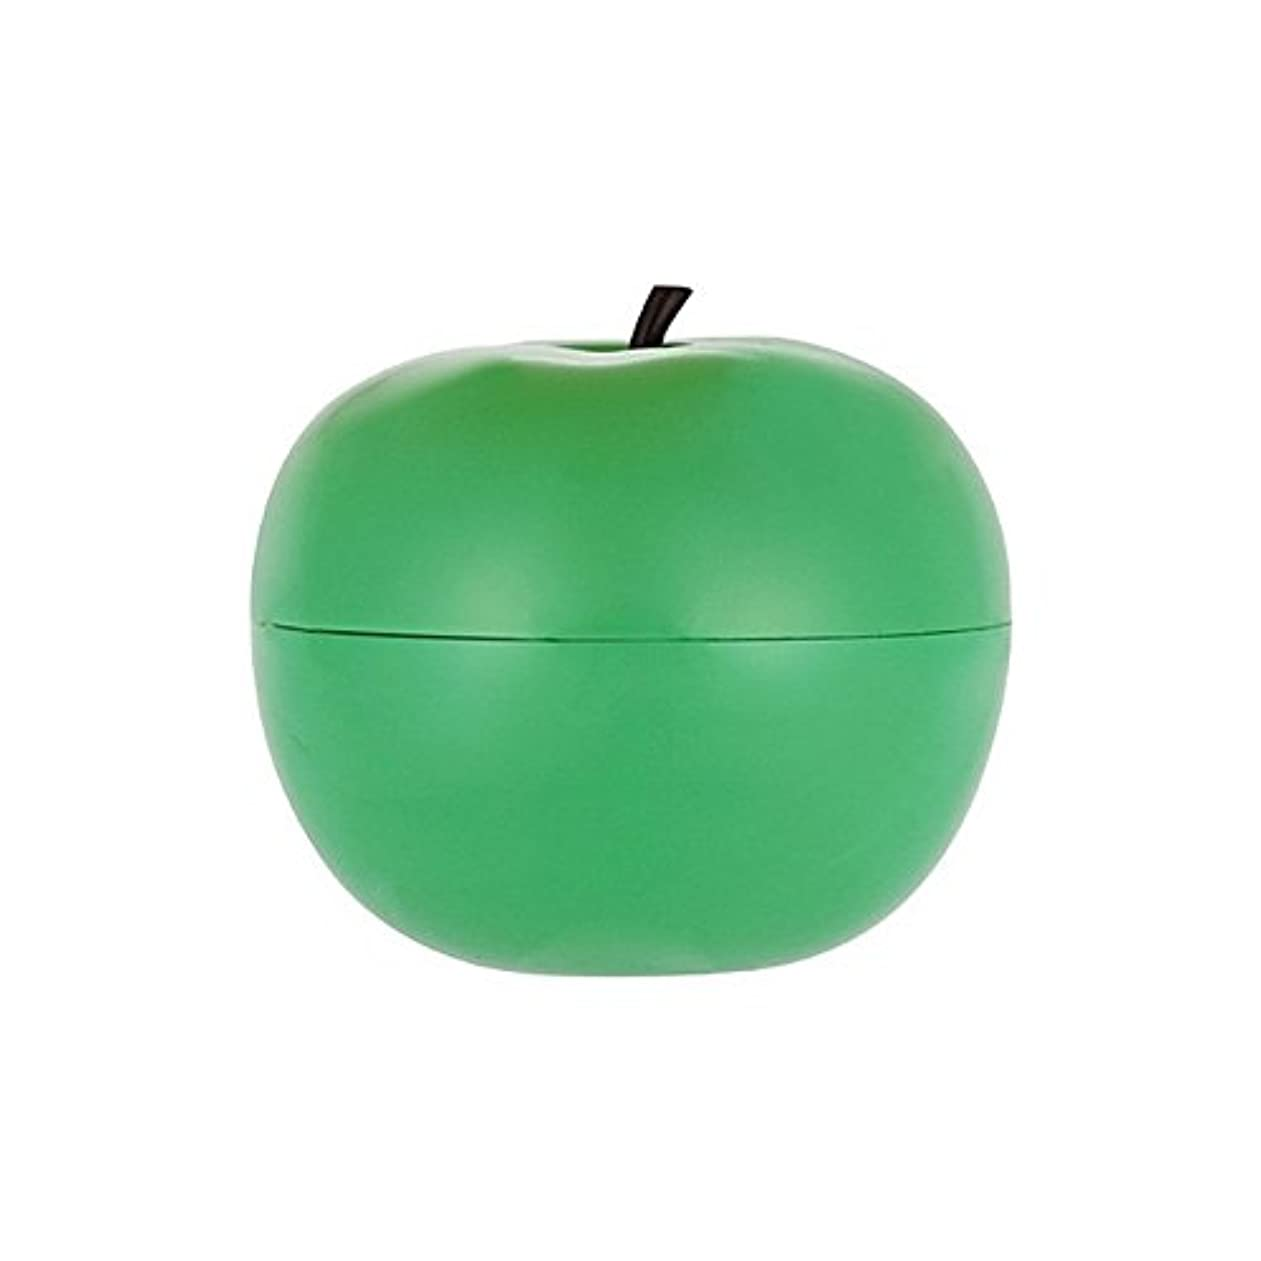 出口乱用メイントニーモリースムーズマッサージピーリングクリーム80グラム x2 - Tony Moly Appletox Smooth Massage Peeling Cream 80G (Pack of 2) [並行輸入品]